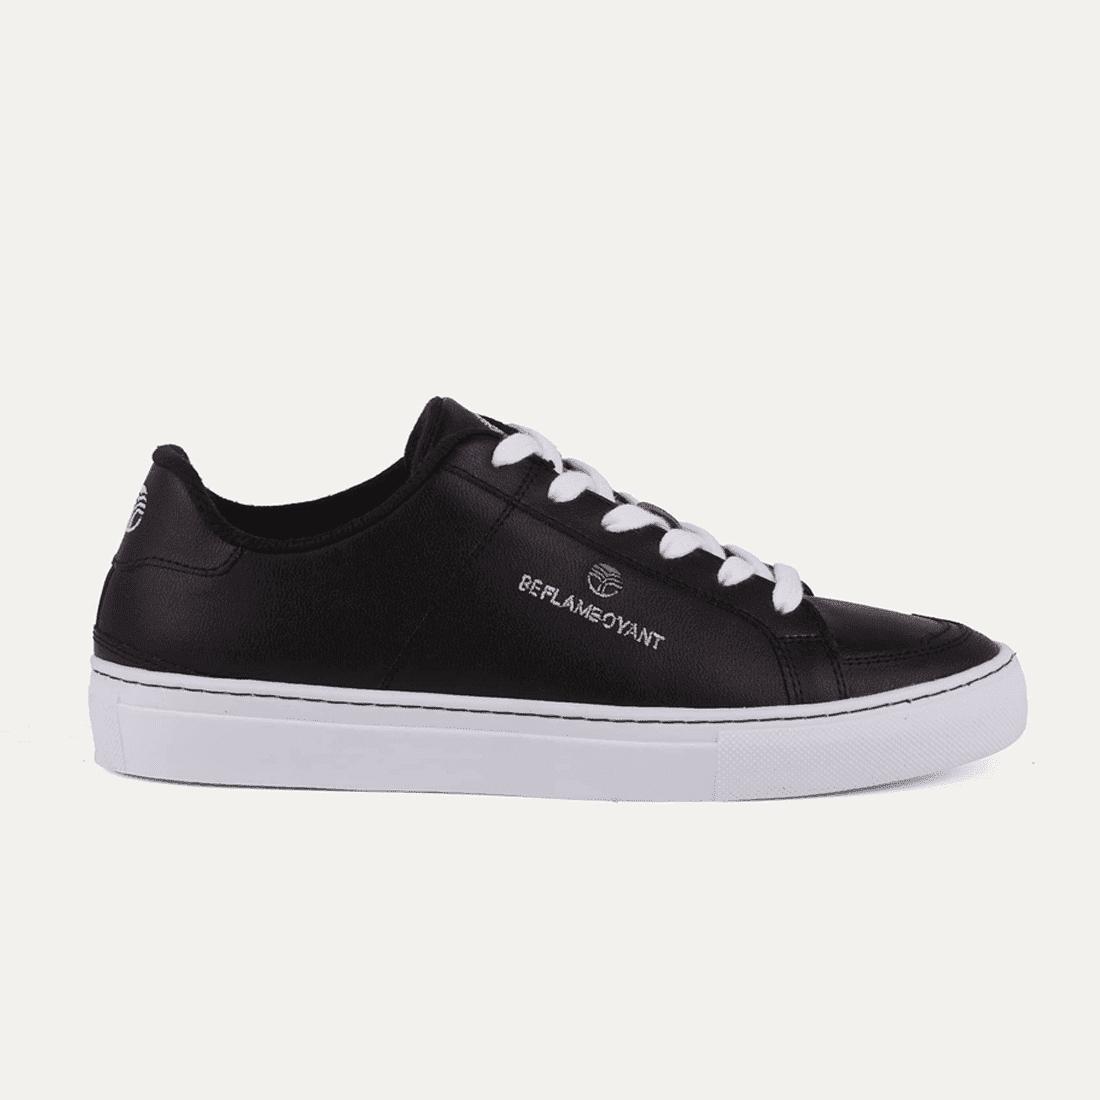 Manimal Black Vegan Shoes